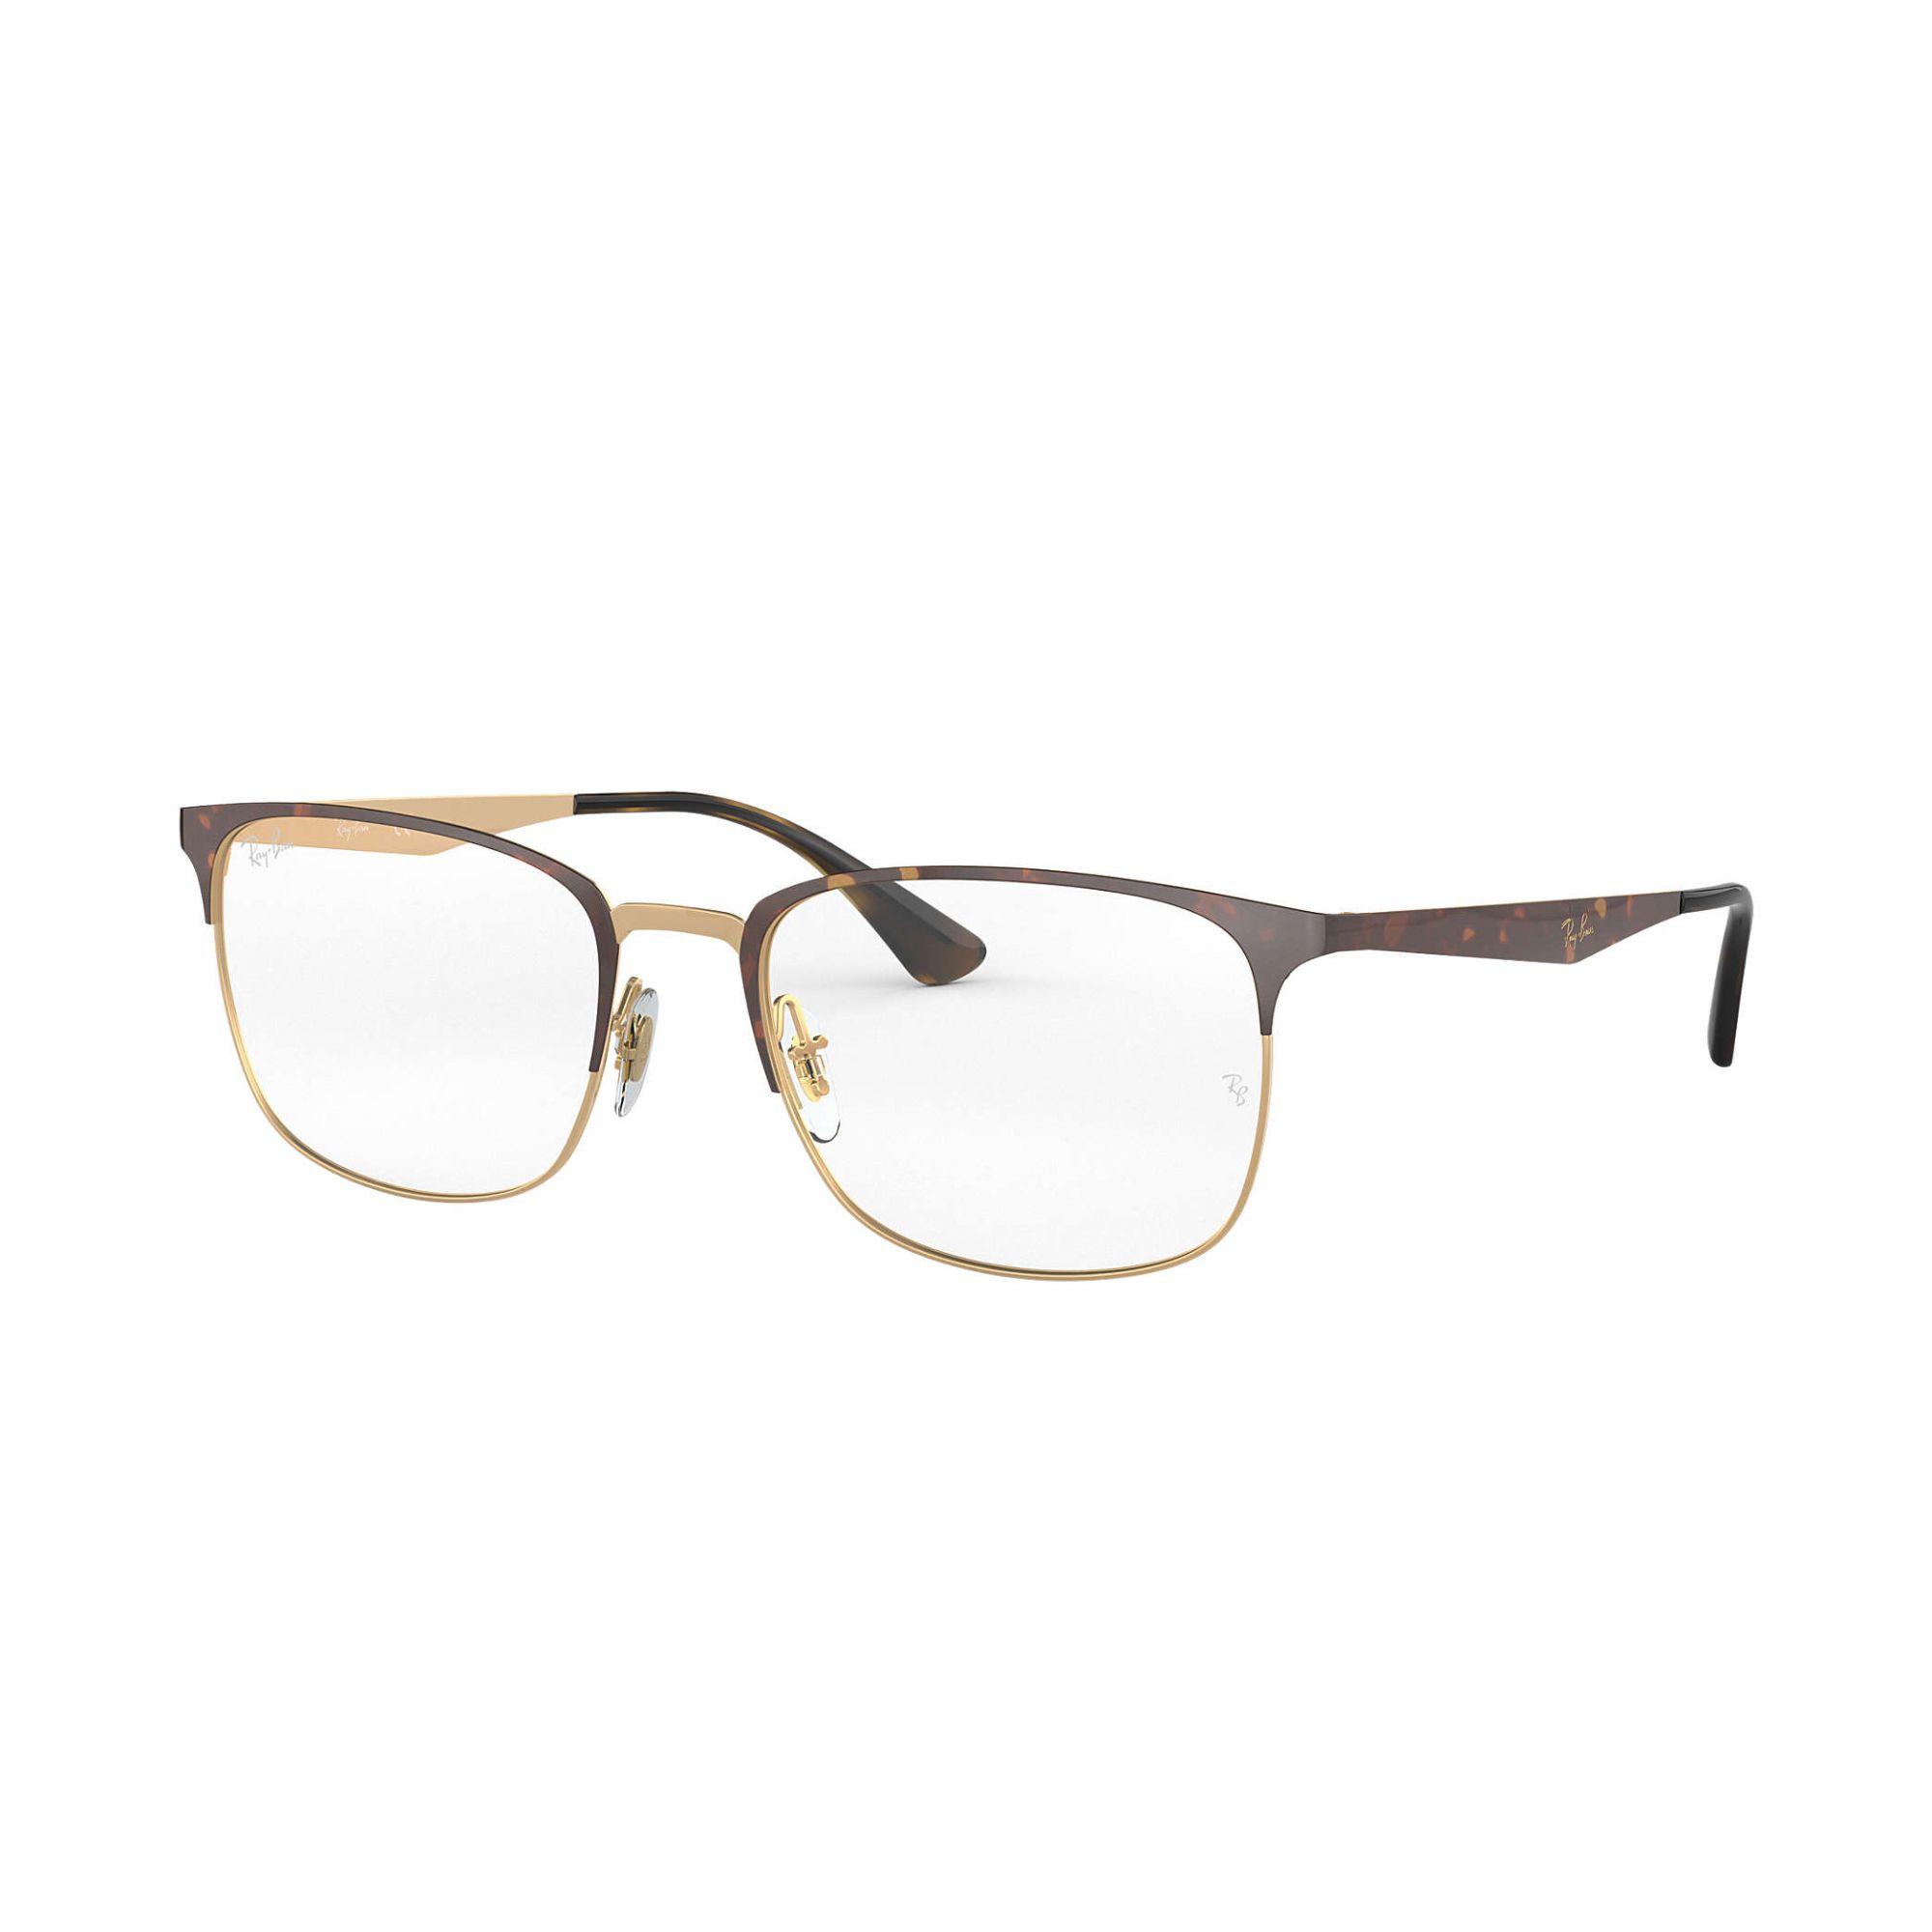 Ray Ban - RB6421 3001 - Óculos de grau